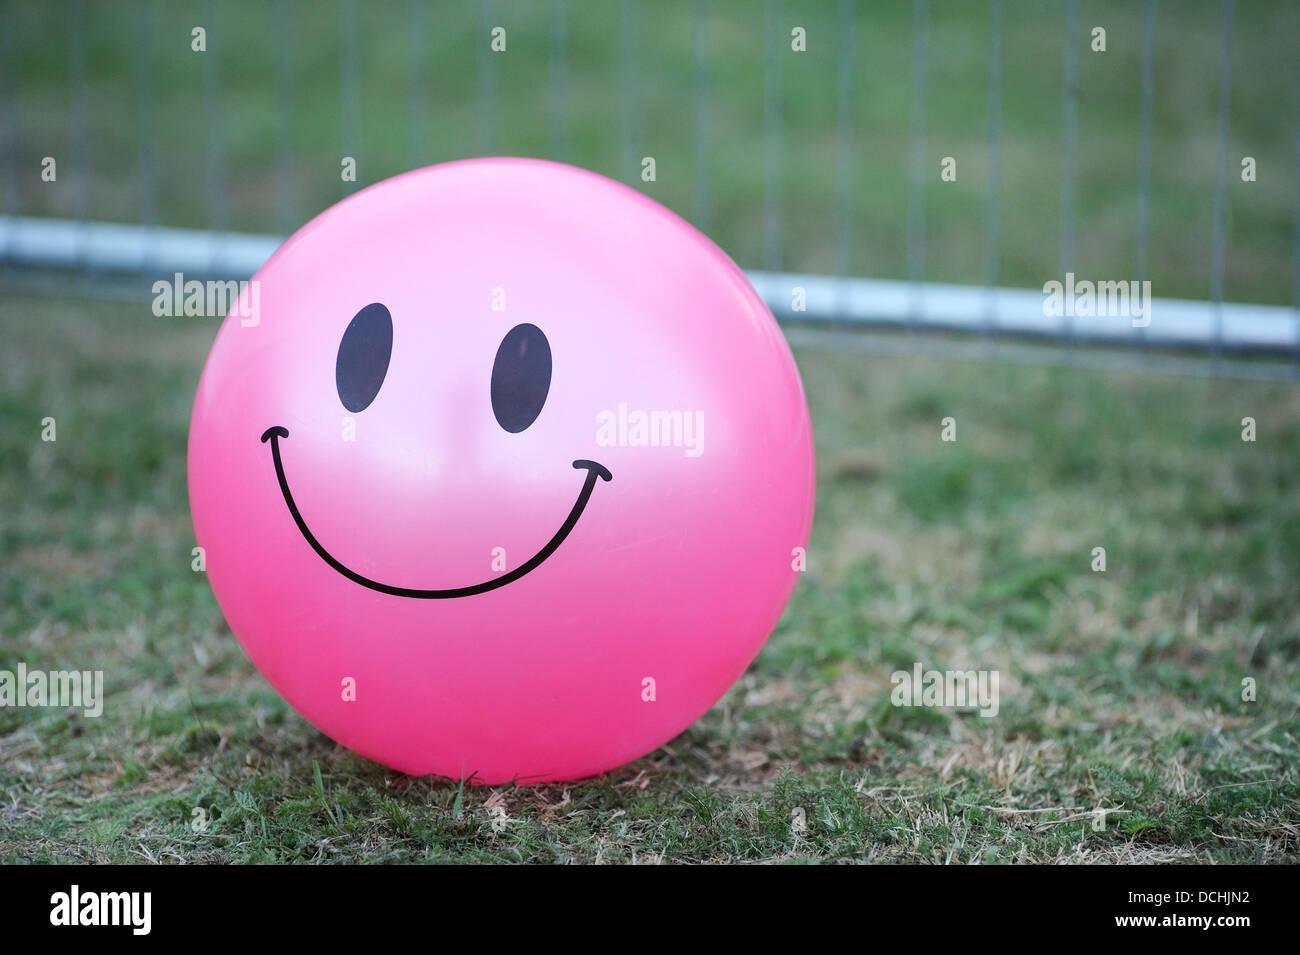 rosa matschig aufblasbaren ball mit smiley smiley aufgedruckt auf einige rasen verlegen. Black Bedroom Furniture Sets. Home Design Ideas